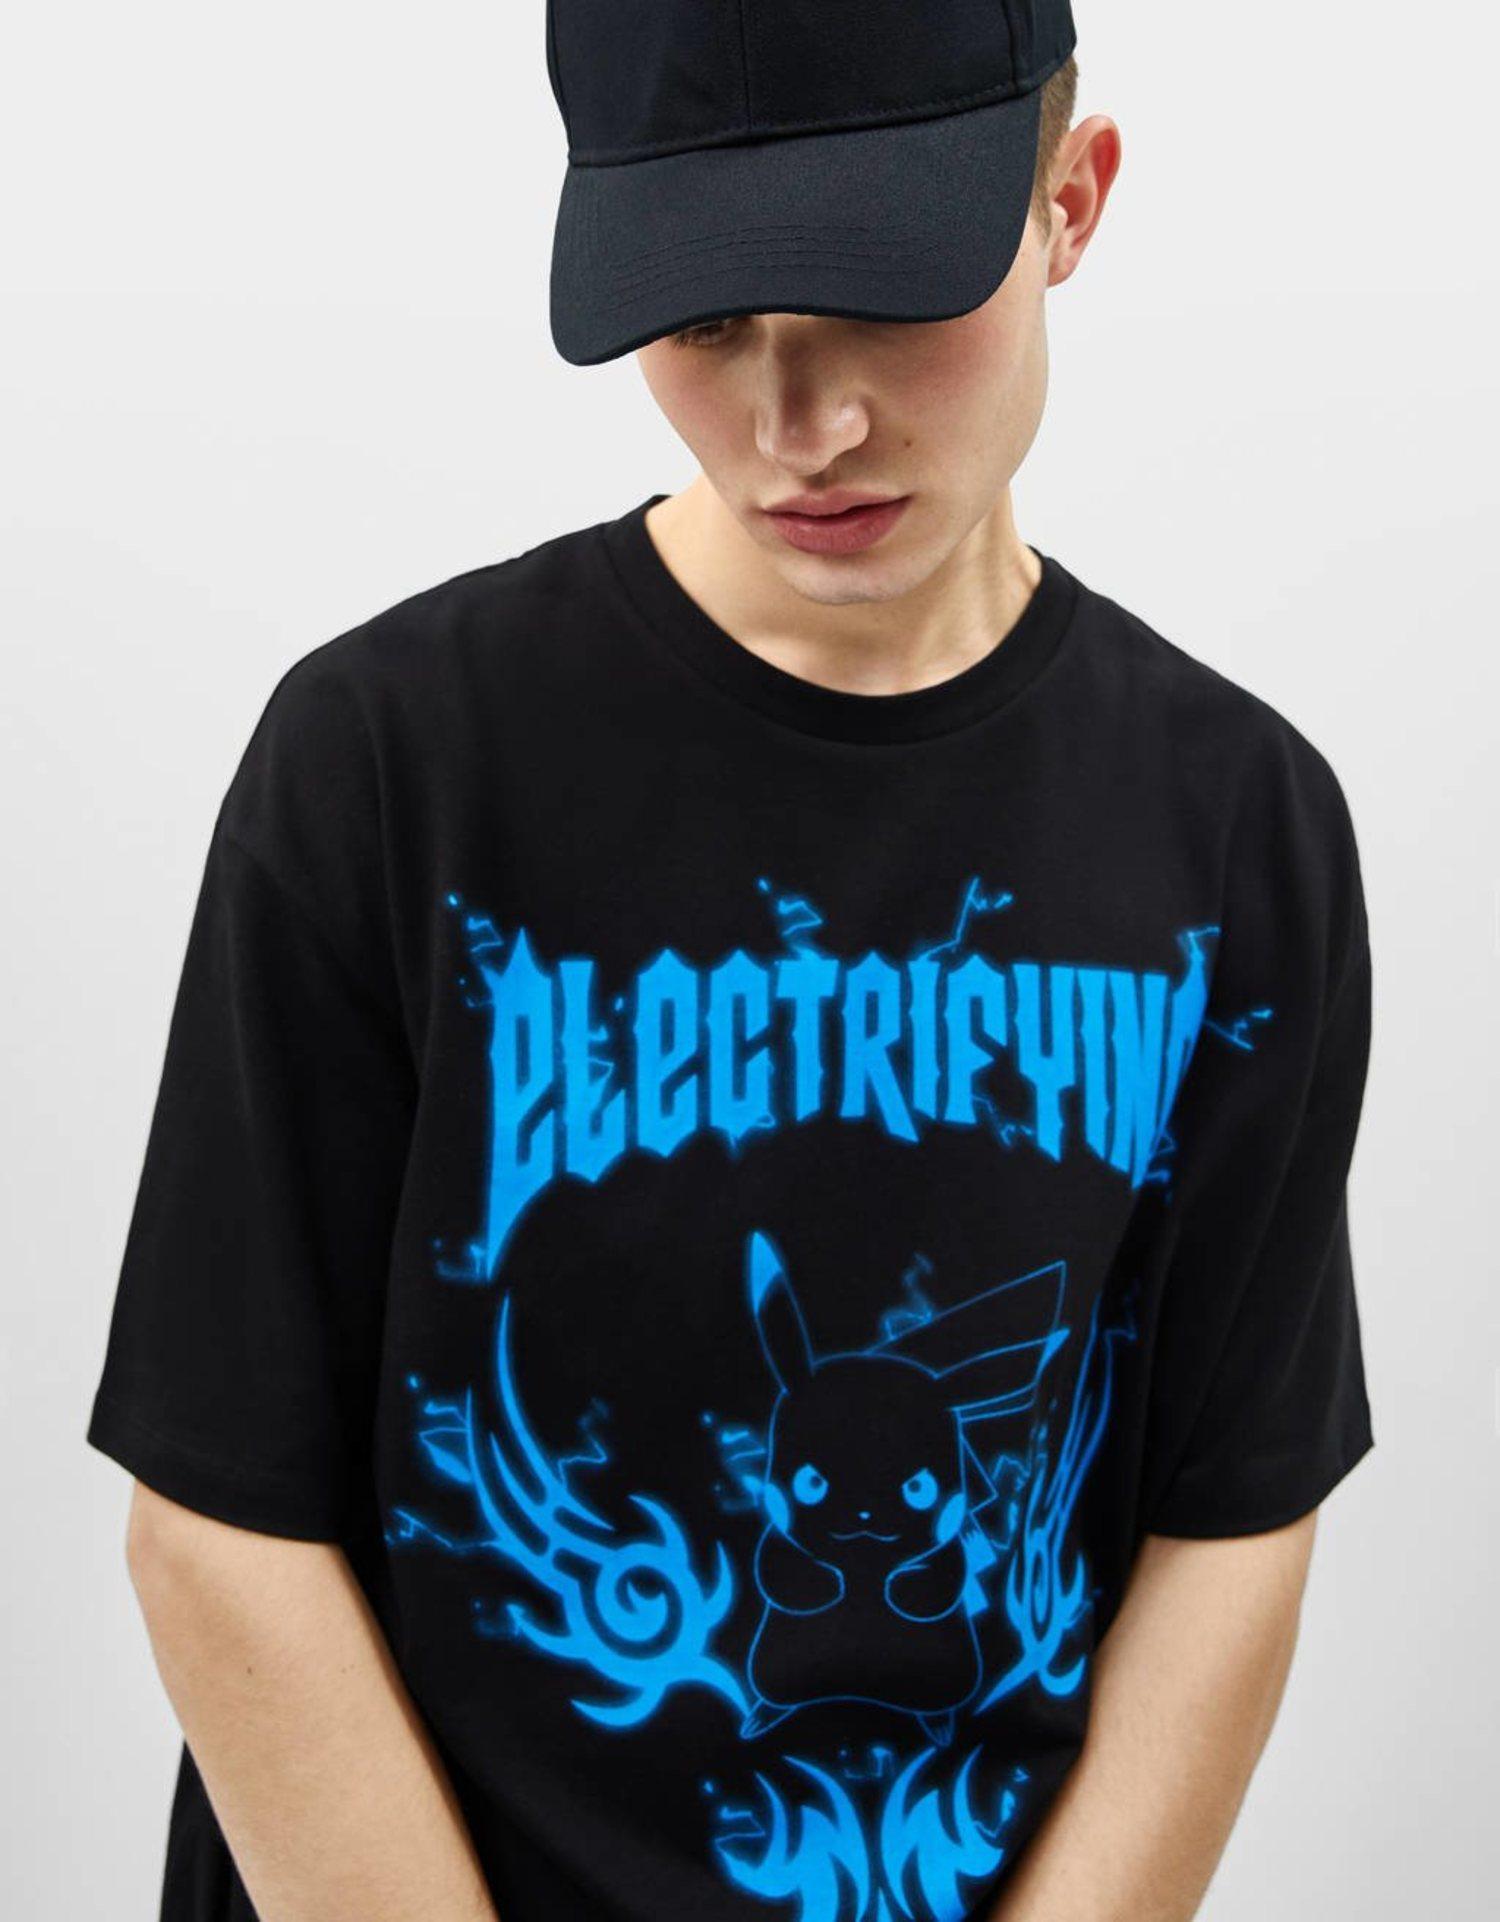 Camisa con Pikachu en azul y negro